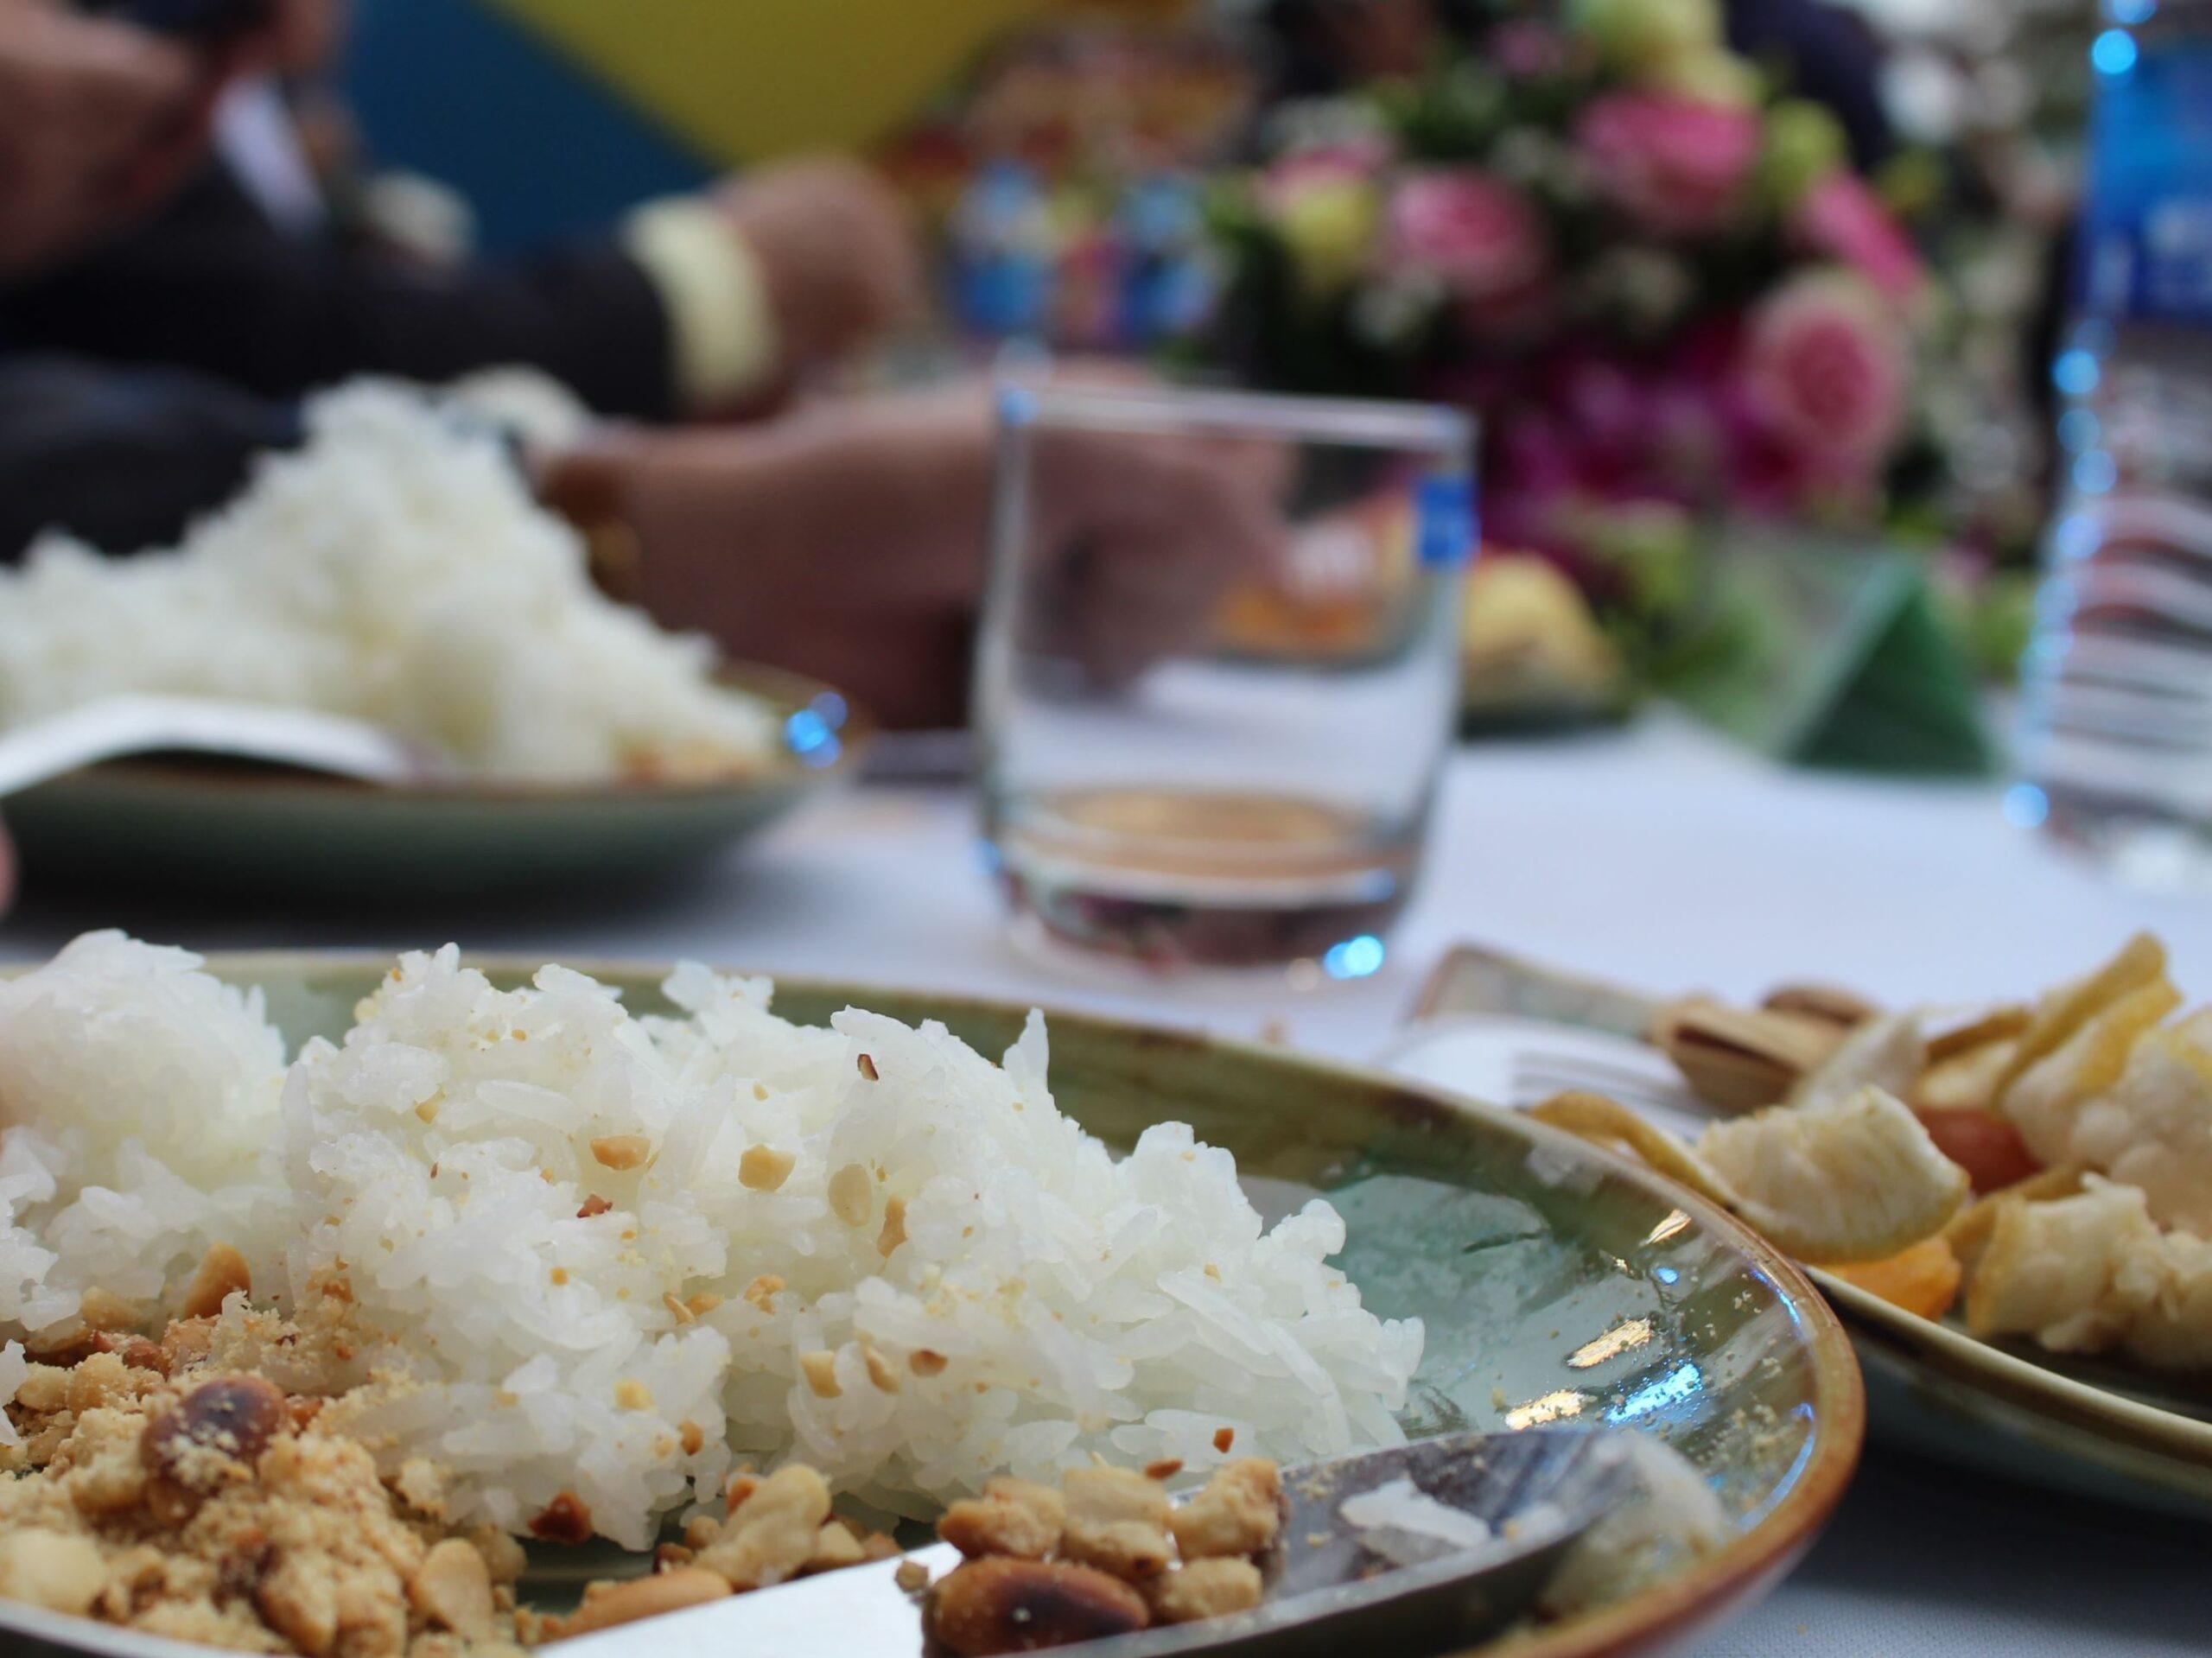 Từng hạt gạo ST25 nóng hổidẻo thơm ngọt vị, trộn cùng muối vừng thơm lừng đã chinh phục các đại biểu và quan khách tham dự - xứng danh Gạo ngon nhất Thế giới!